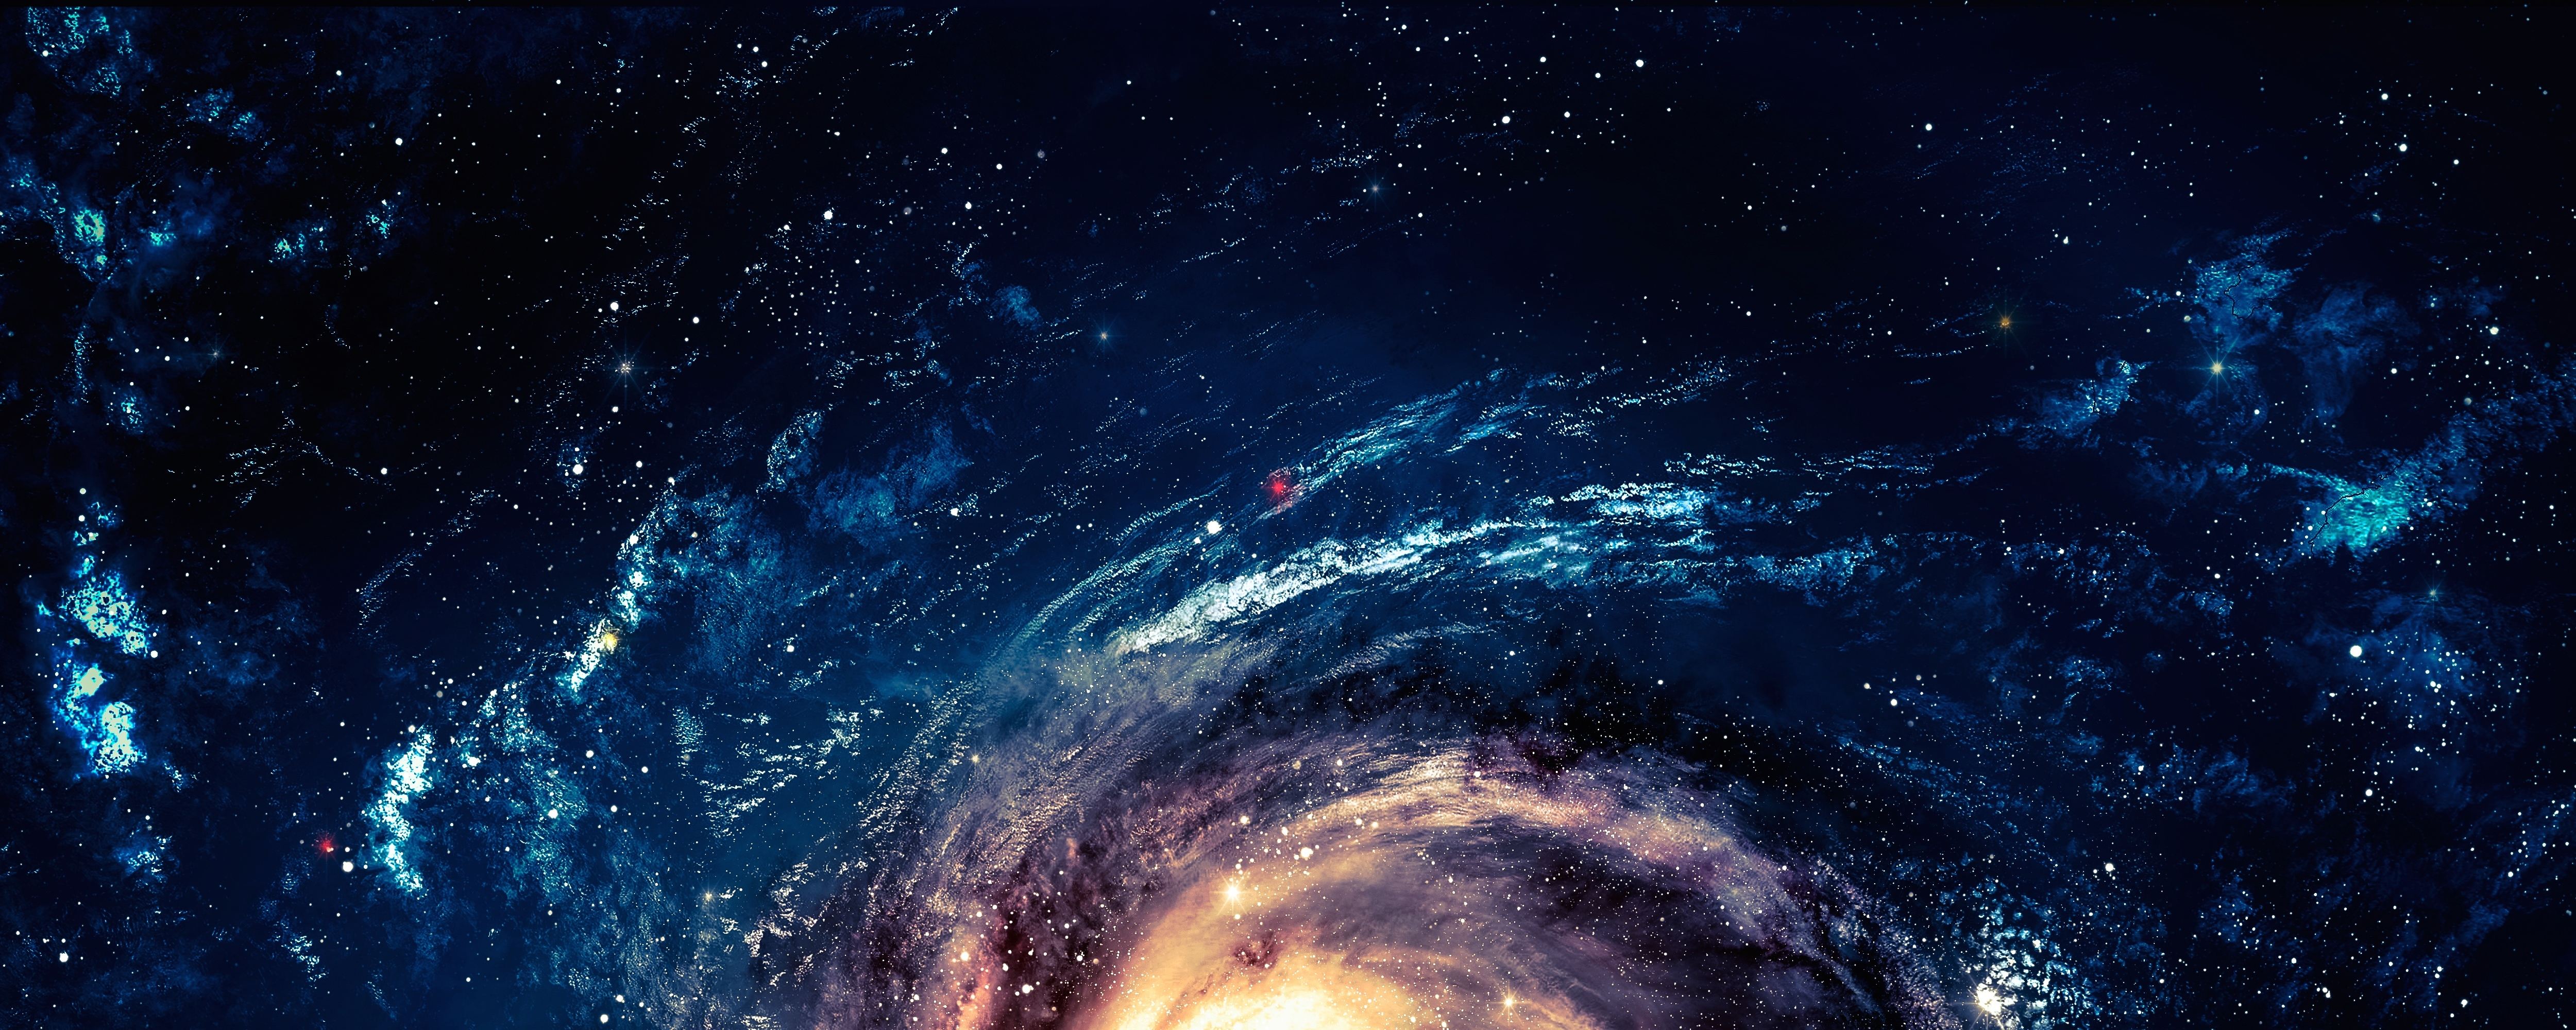 Обои галактика космос звезды картинки на рабочий стол на тему Космос - скачать  № 3548530  скачать